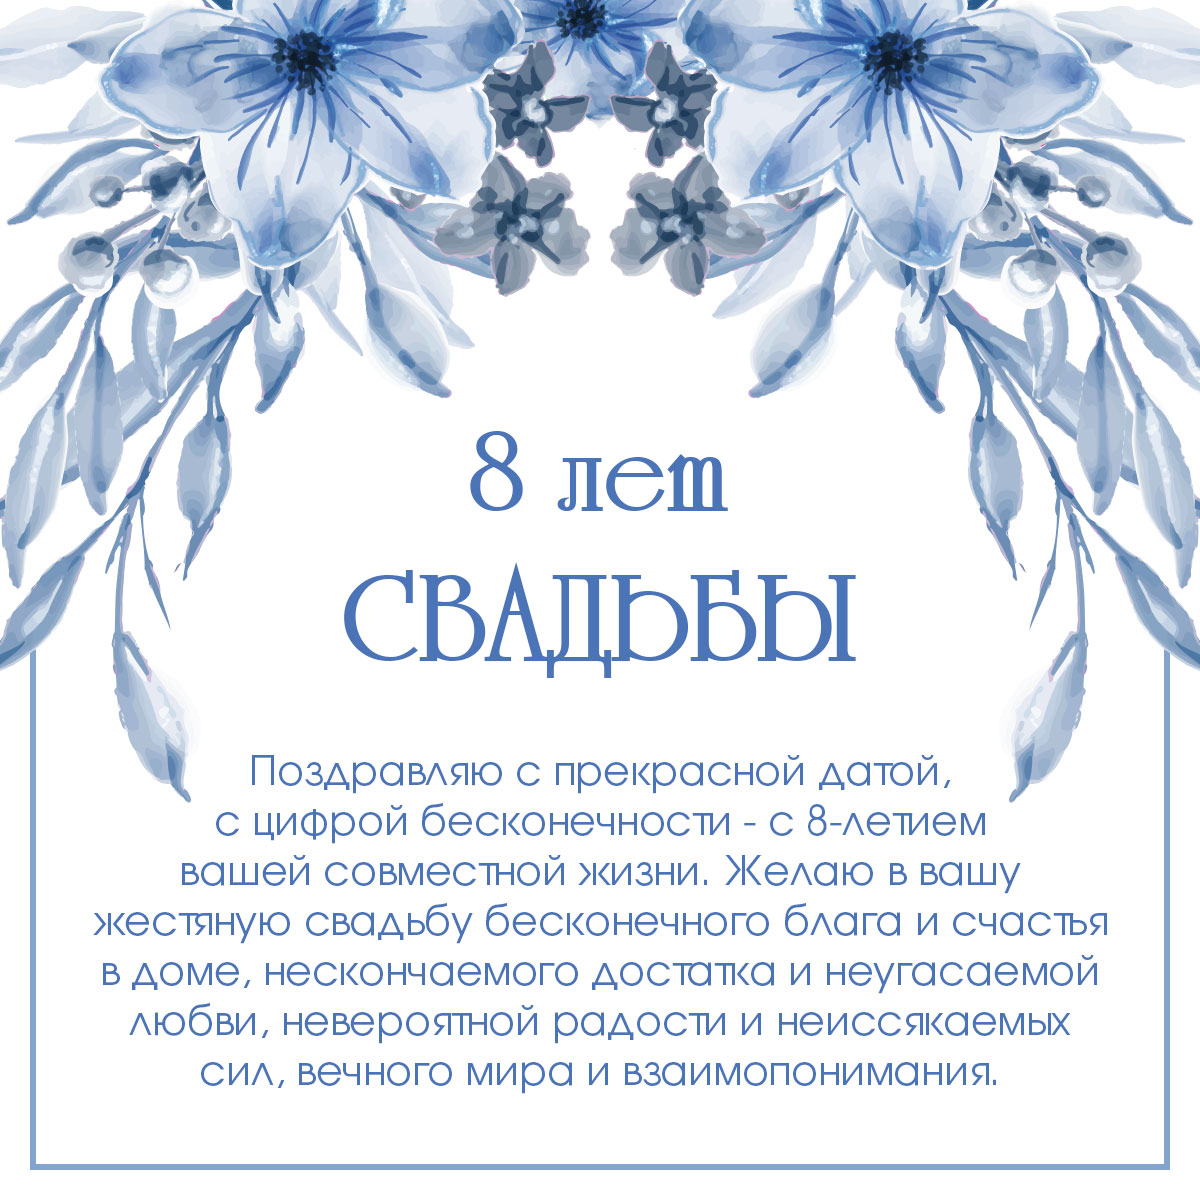 Надпись 8 лет свадьбы на фоне синих лепестков.